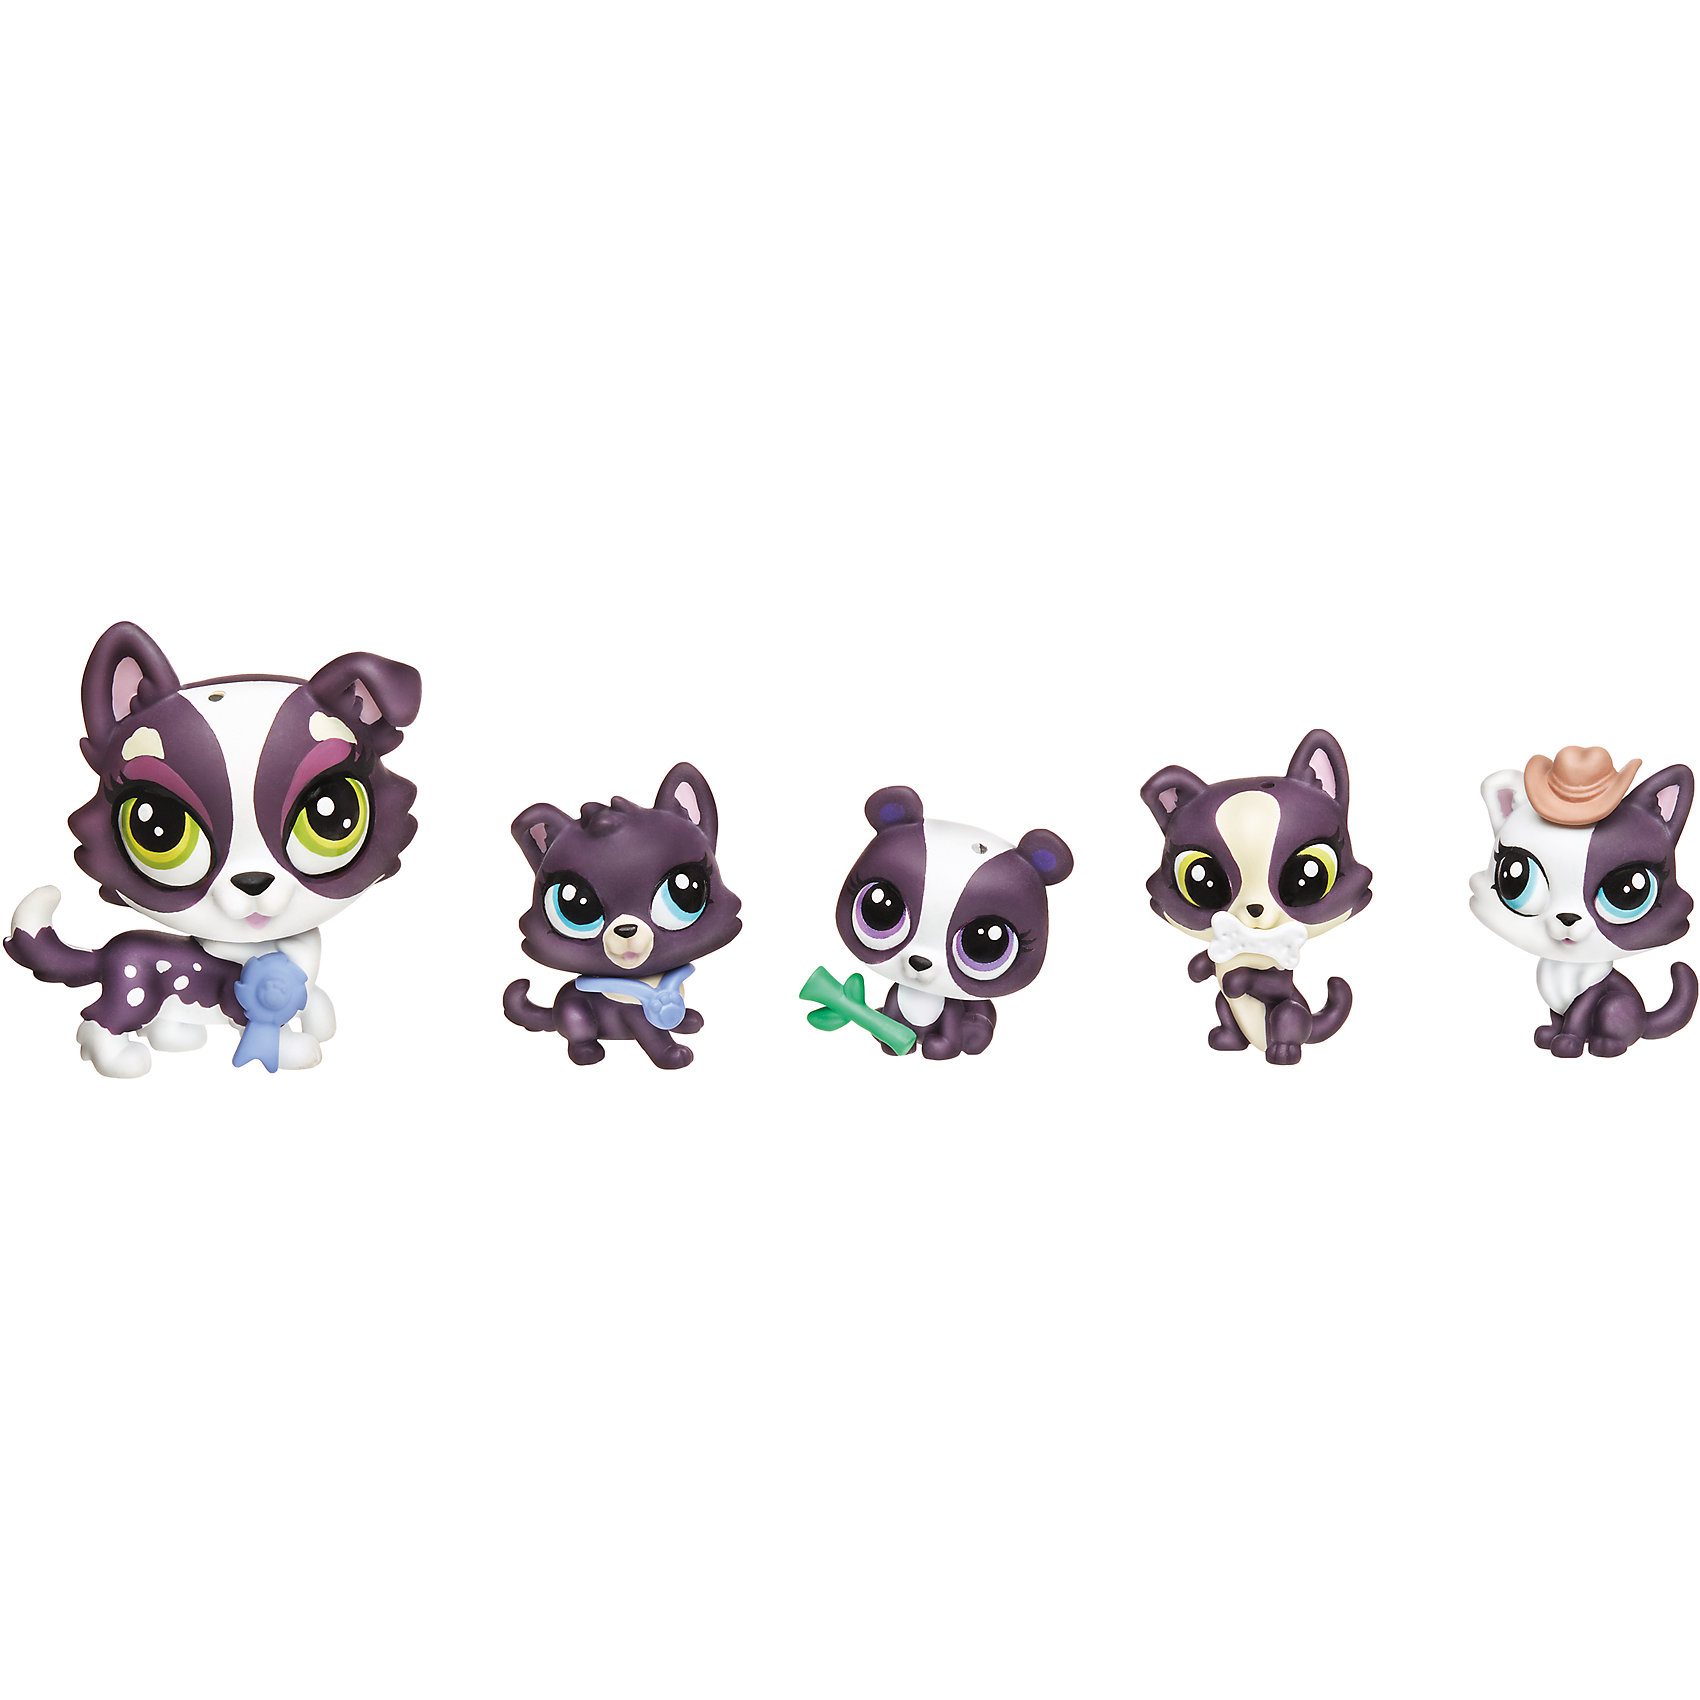 Игровой набор Большая семейка, Littlest Pet Shop, в ассортиментеКоллекционные и игровые фигурки<br>Отличный набор очаровательных зверюшек, которых мечтает иметь в своей коллекции каждая девочка. В каждом есть мама и ее 4 маленьких детеныша. Посмотрите внимательно, и ты увидишь, что один ребенок не из ее семьи! Ты можешь собрать все наборы и помочь маленькой зверюшке найти свою семью, или разыграть забавную историю о том, как все детишки перемешались. В ассортименте 4 набора.<br><br>Ширина мм: 38<br>Глубина мм: 229<br>Высота мм: 203<br>Вес г: 136<br>Возраст от месяцев: 48<br>Возраст до месяцев: 144<br>Пол: Женский<br>Возраст: Детский<br>SKU: 4238350